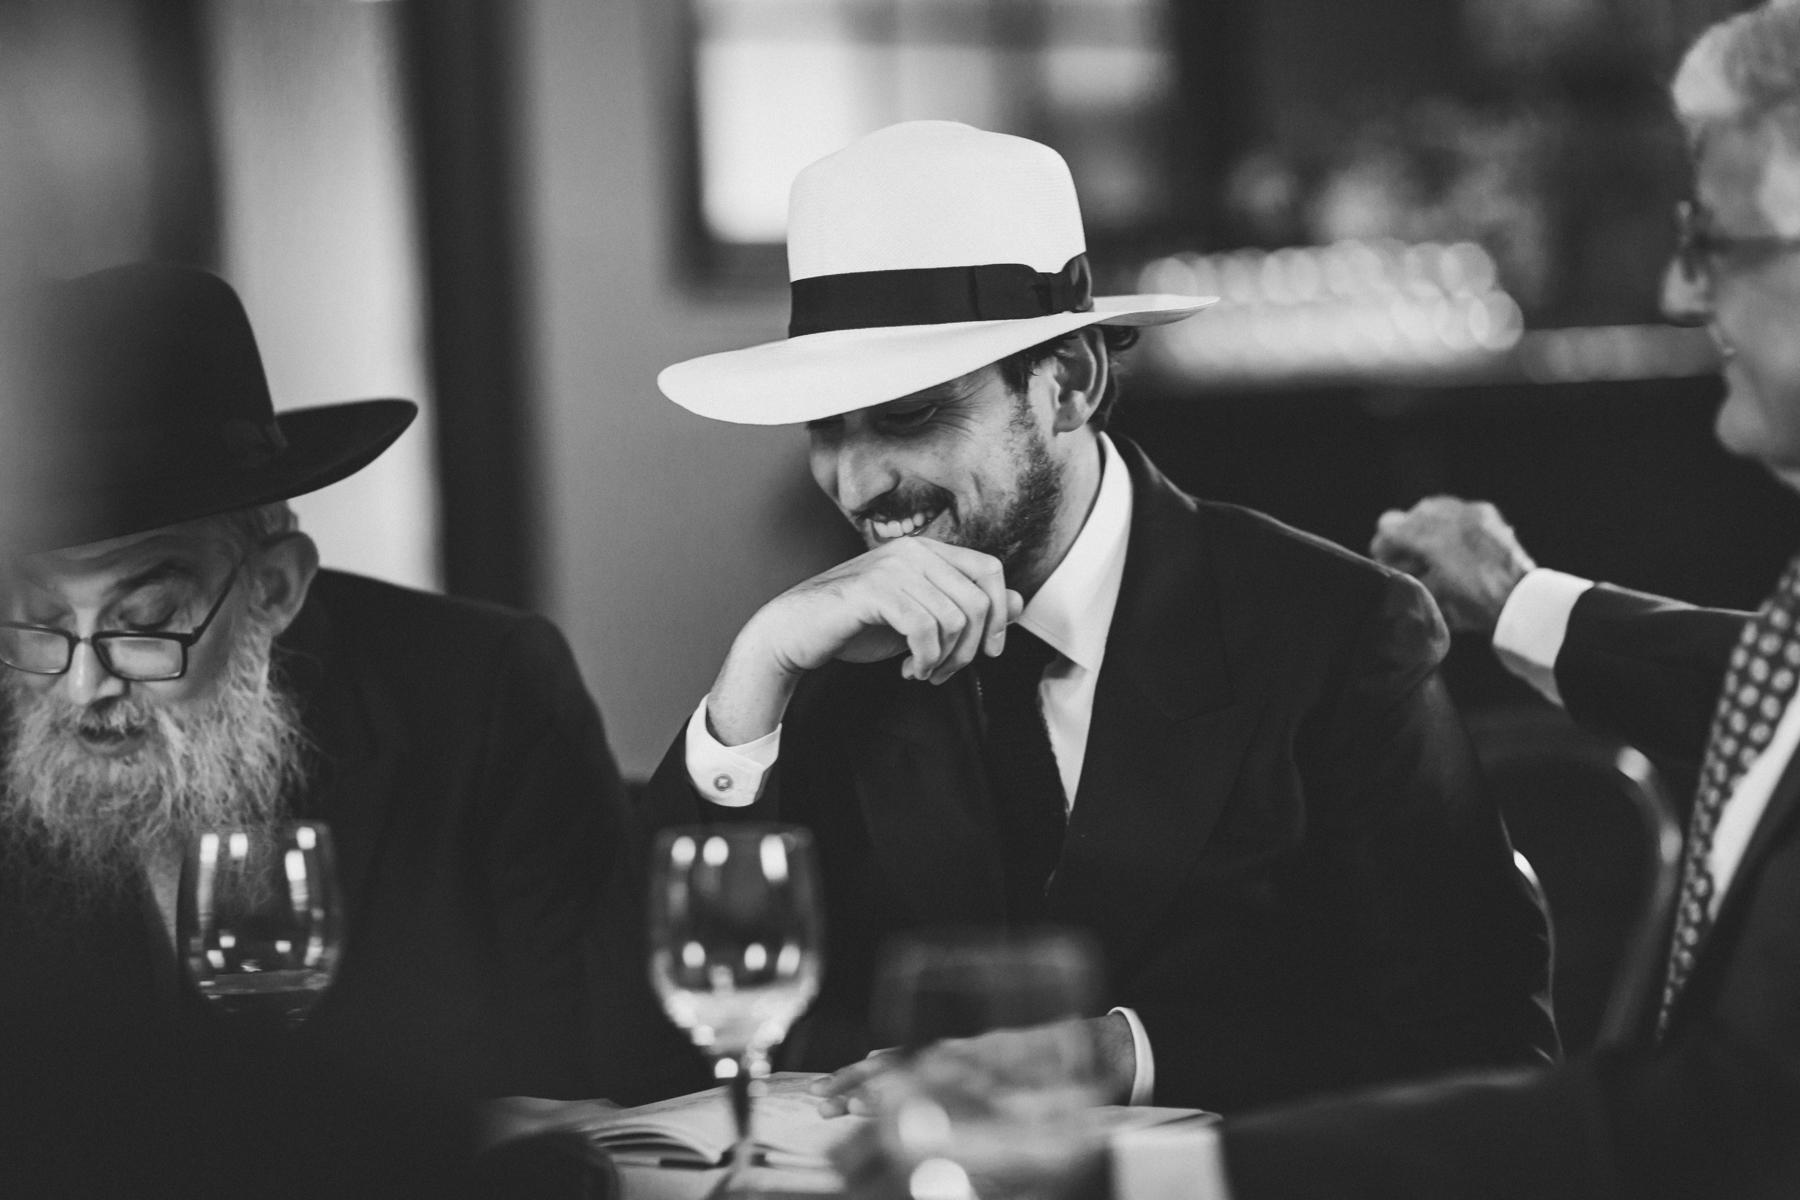 Wythe-Hotel-Green-Building-Brooklyn-Documentary-Wedding-Photography-50.jpg